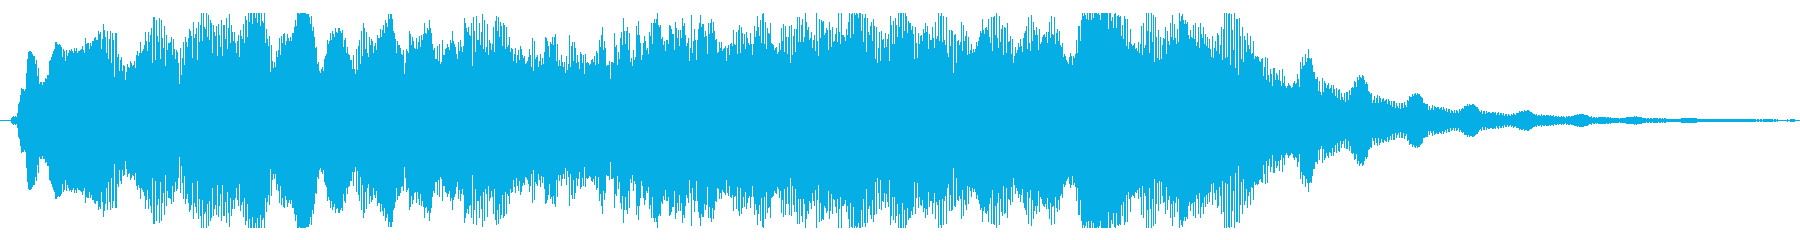 素材 大気フィードバック歪みハード02の再生済みの波形